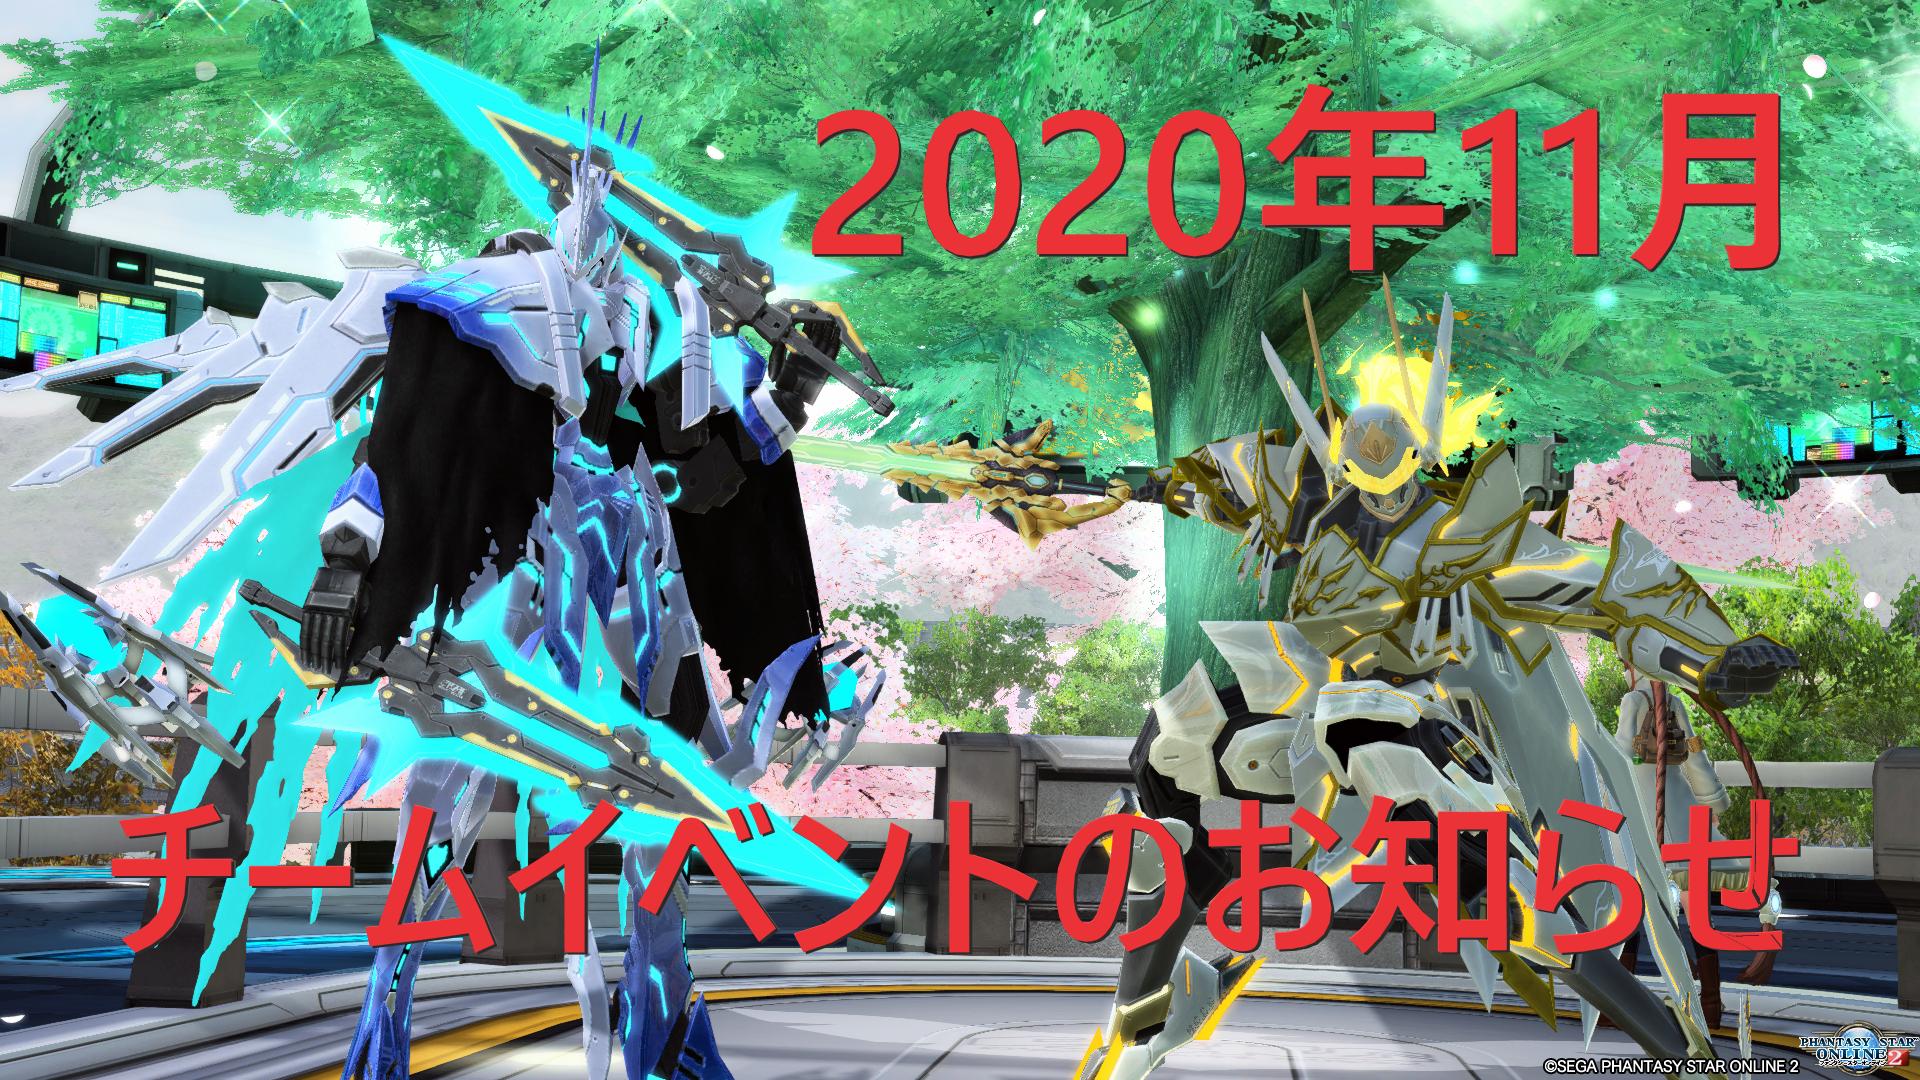 2020年11月チーム8周年イベントのお知らせ